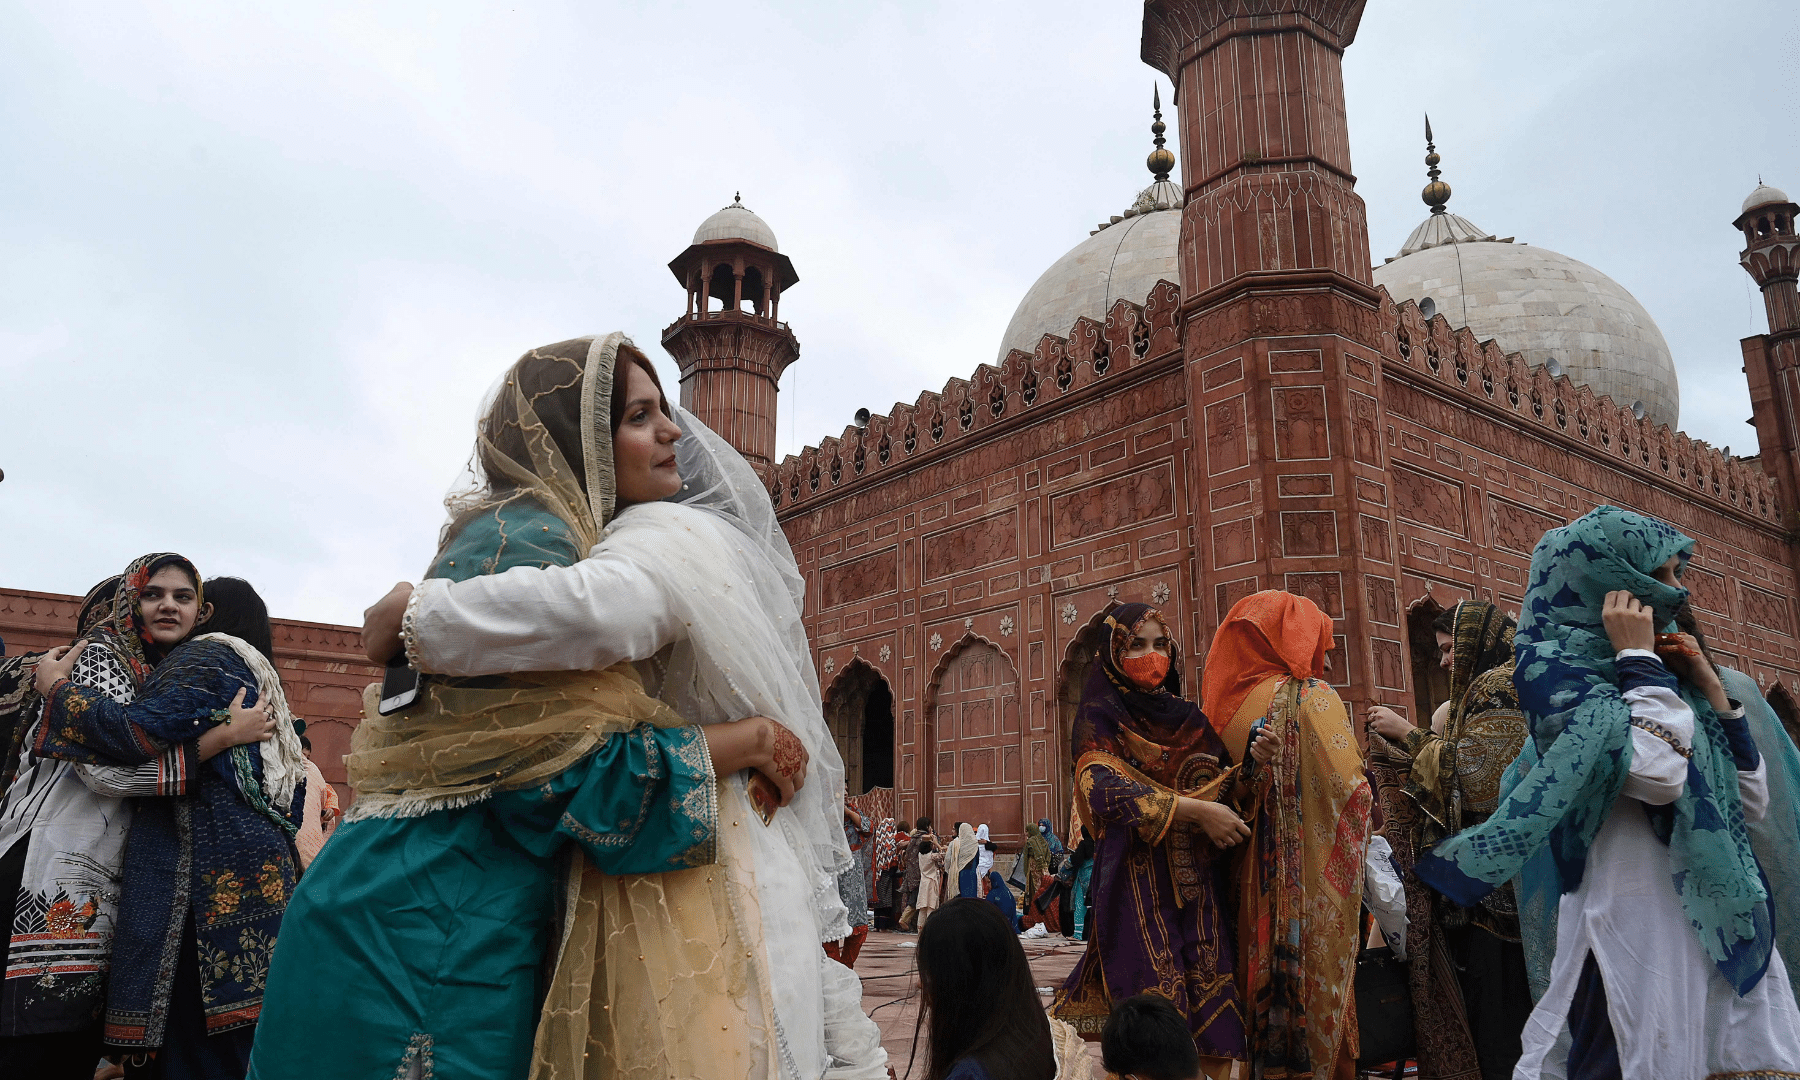 تصاویر: عالمی وبا کے دوران عیدالاضحیٰ کے رنگ